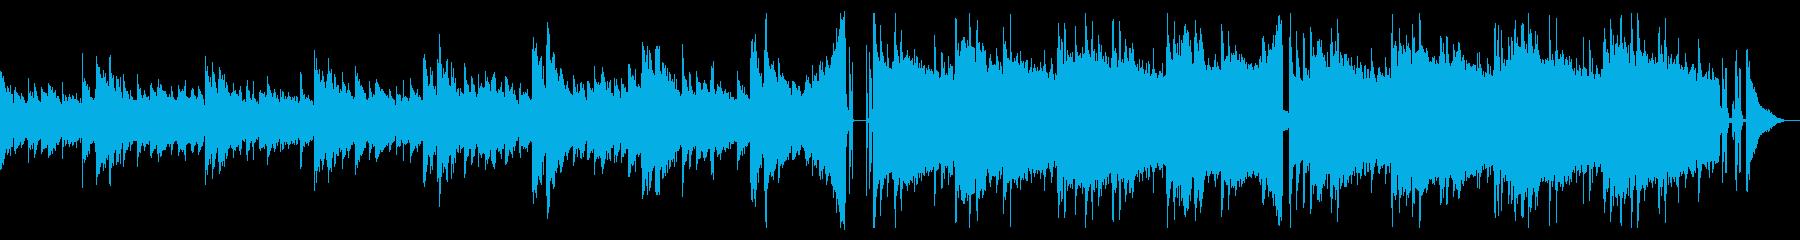 ホラー感のあるトラップ_3の再生済みの波形